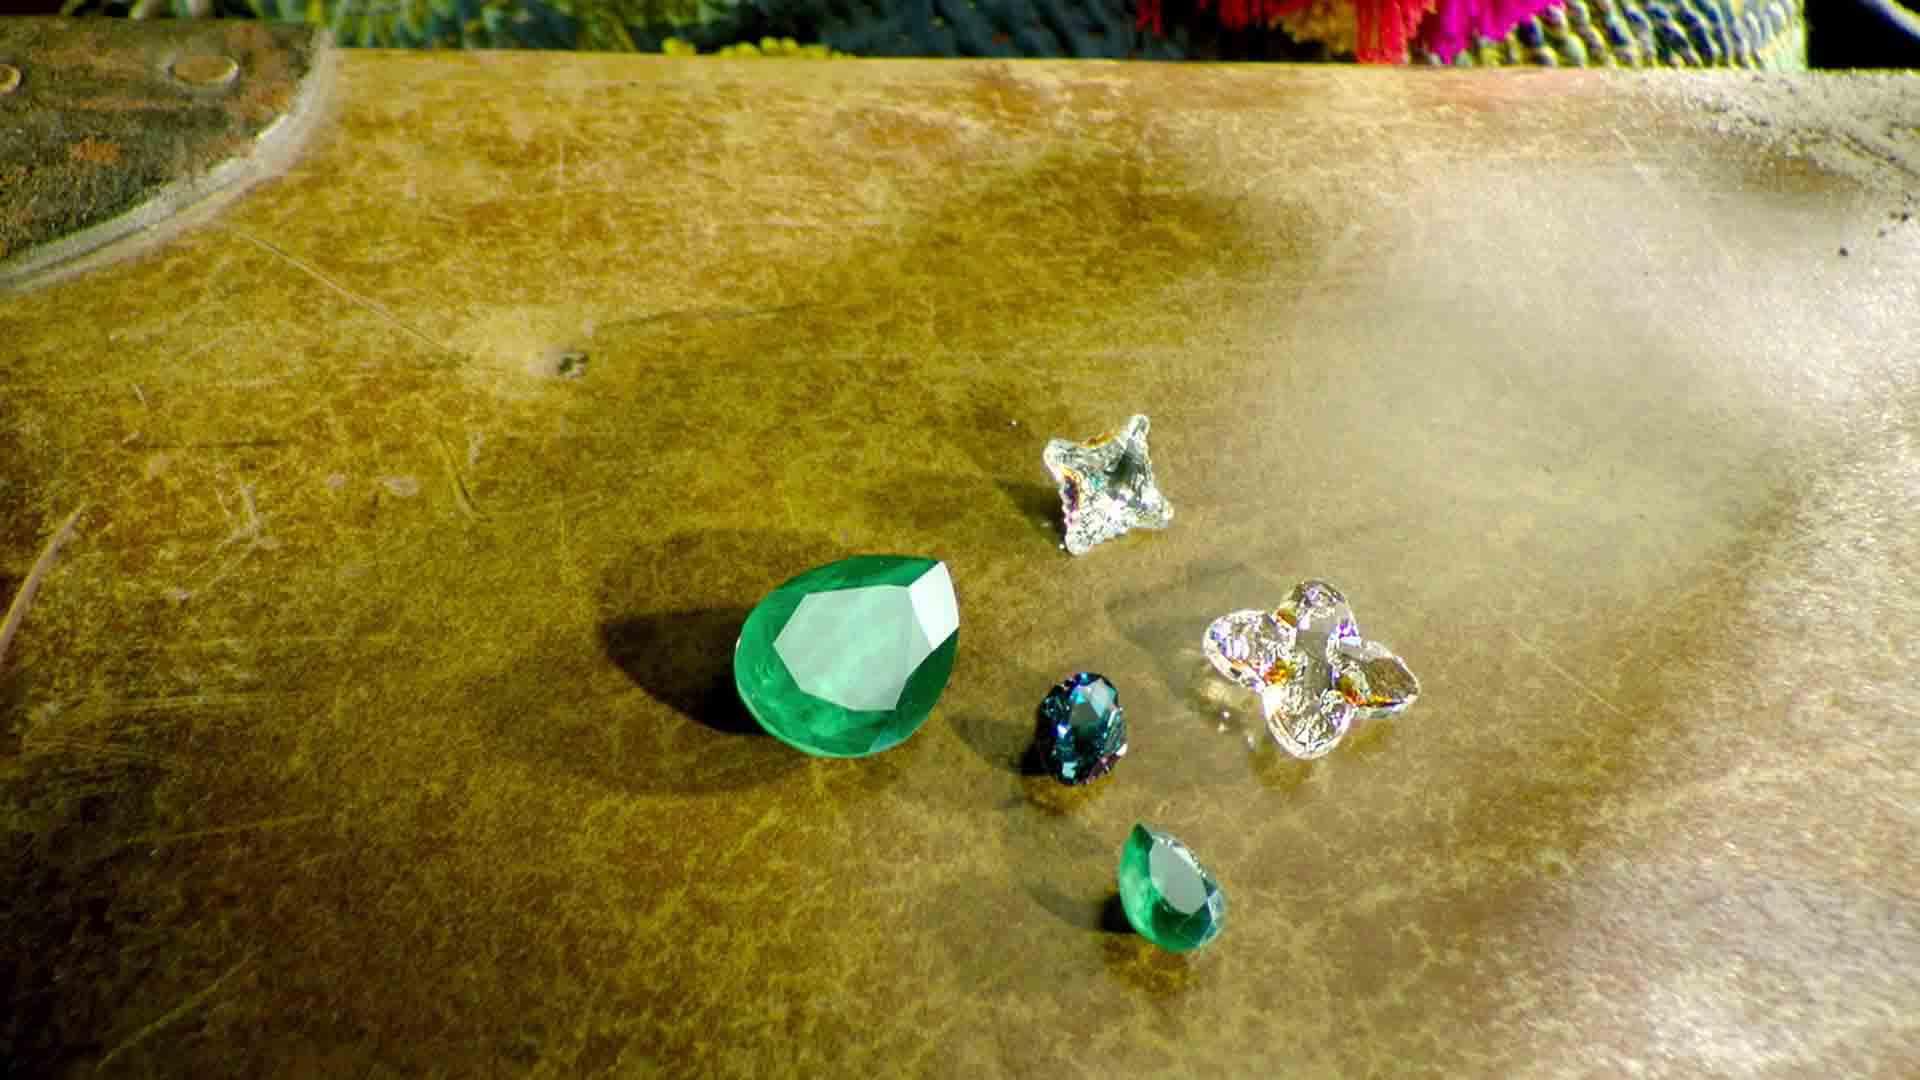 Zu sehen sind fünf Edelsteine. Sie liegen auf einem braunen Hintergrund. Auf der linken Seite liegen drei Edelsteine. Sie sind grün. Auf der rechten Seite liegen zwei Edelsteine. Diese sind transparent. Das Bild dient als Making Of Bild für den Portfolioeintrag Swarovski Produktfilm von Panda Pictures.